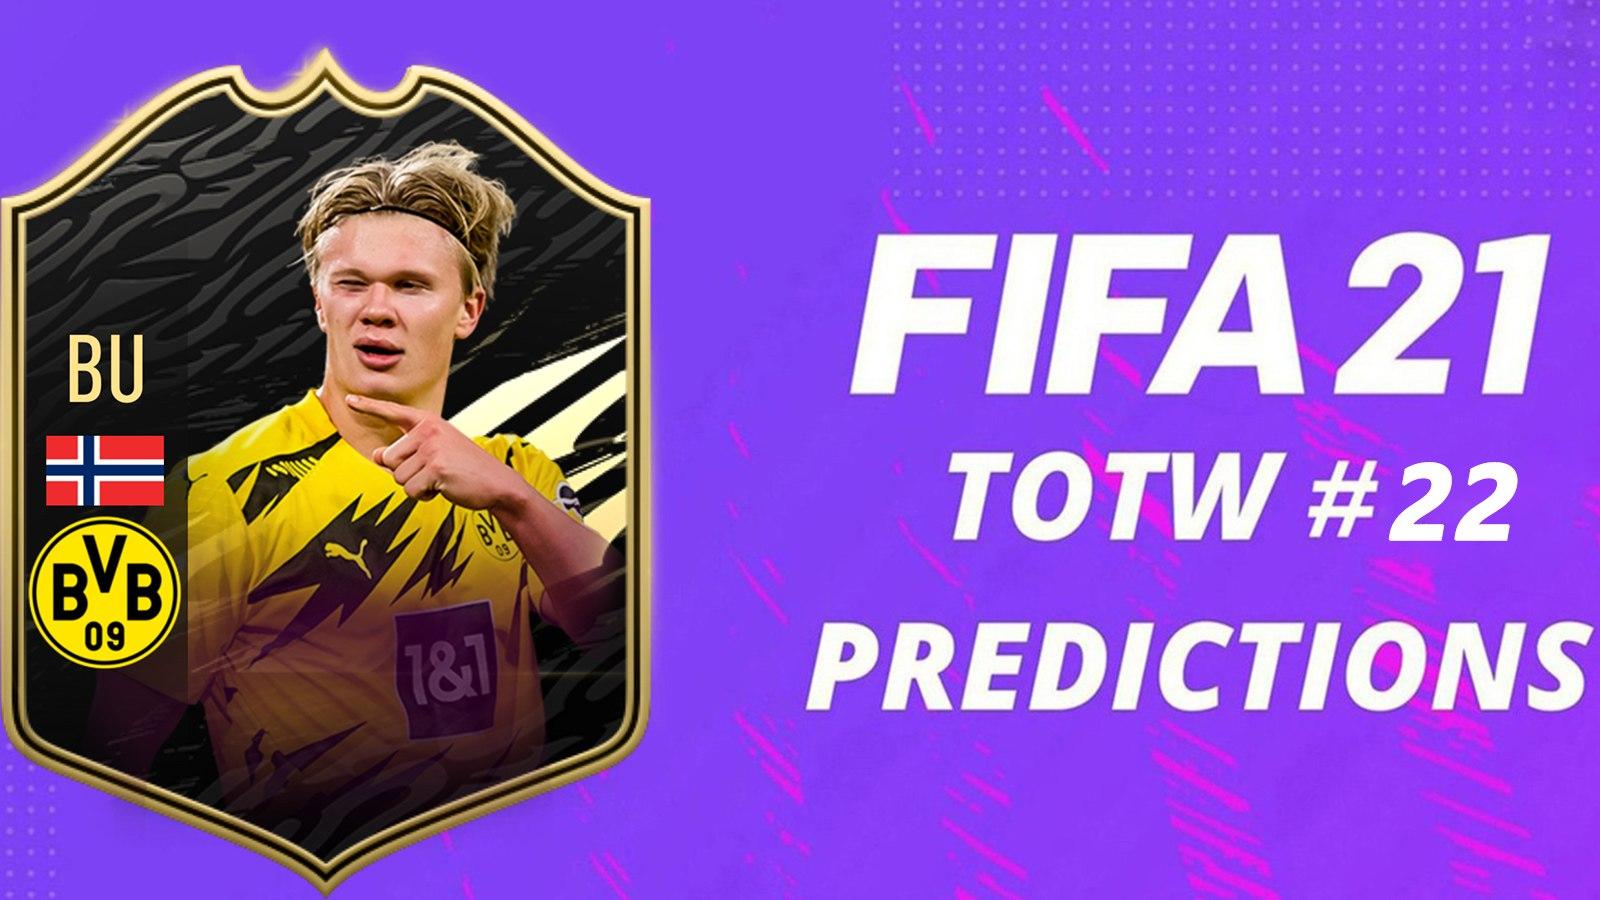 TOTW Prédictions 22 FIFA 21